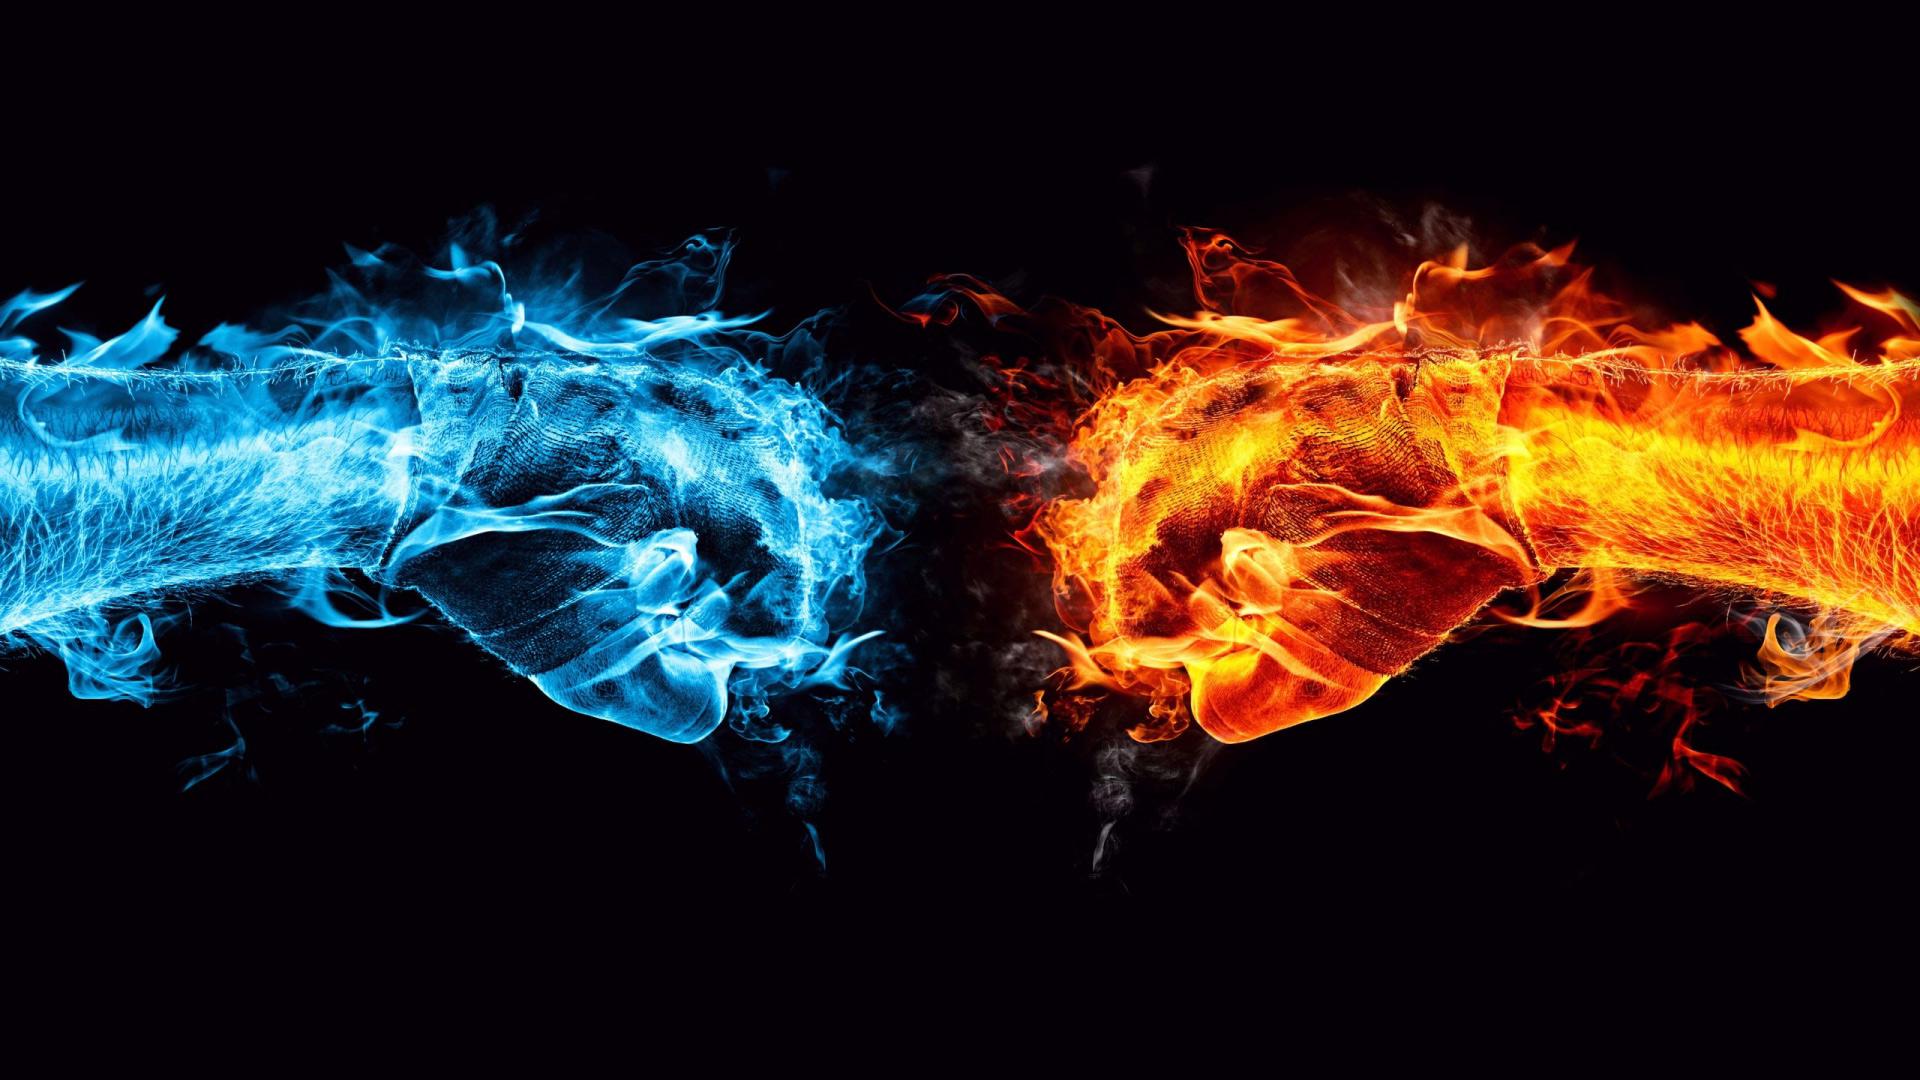 картинки огонь и вода на рабочий стол